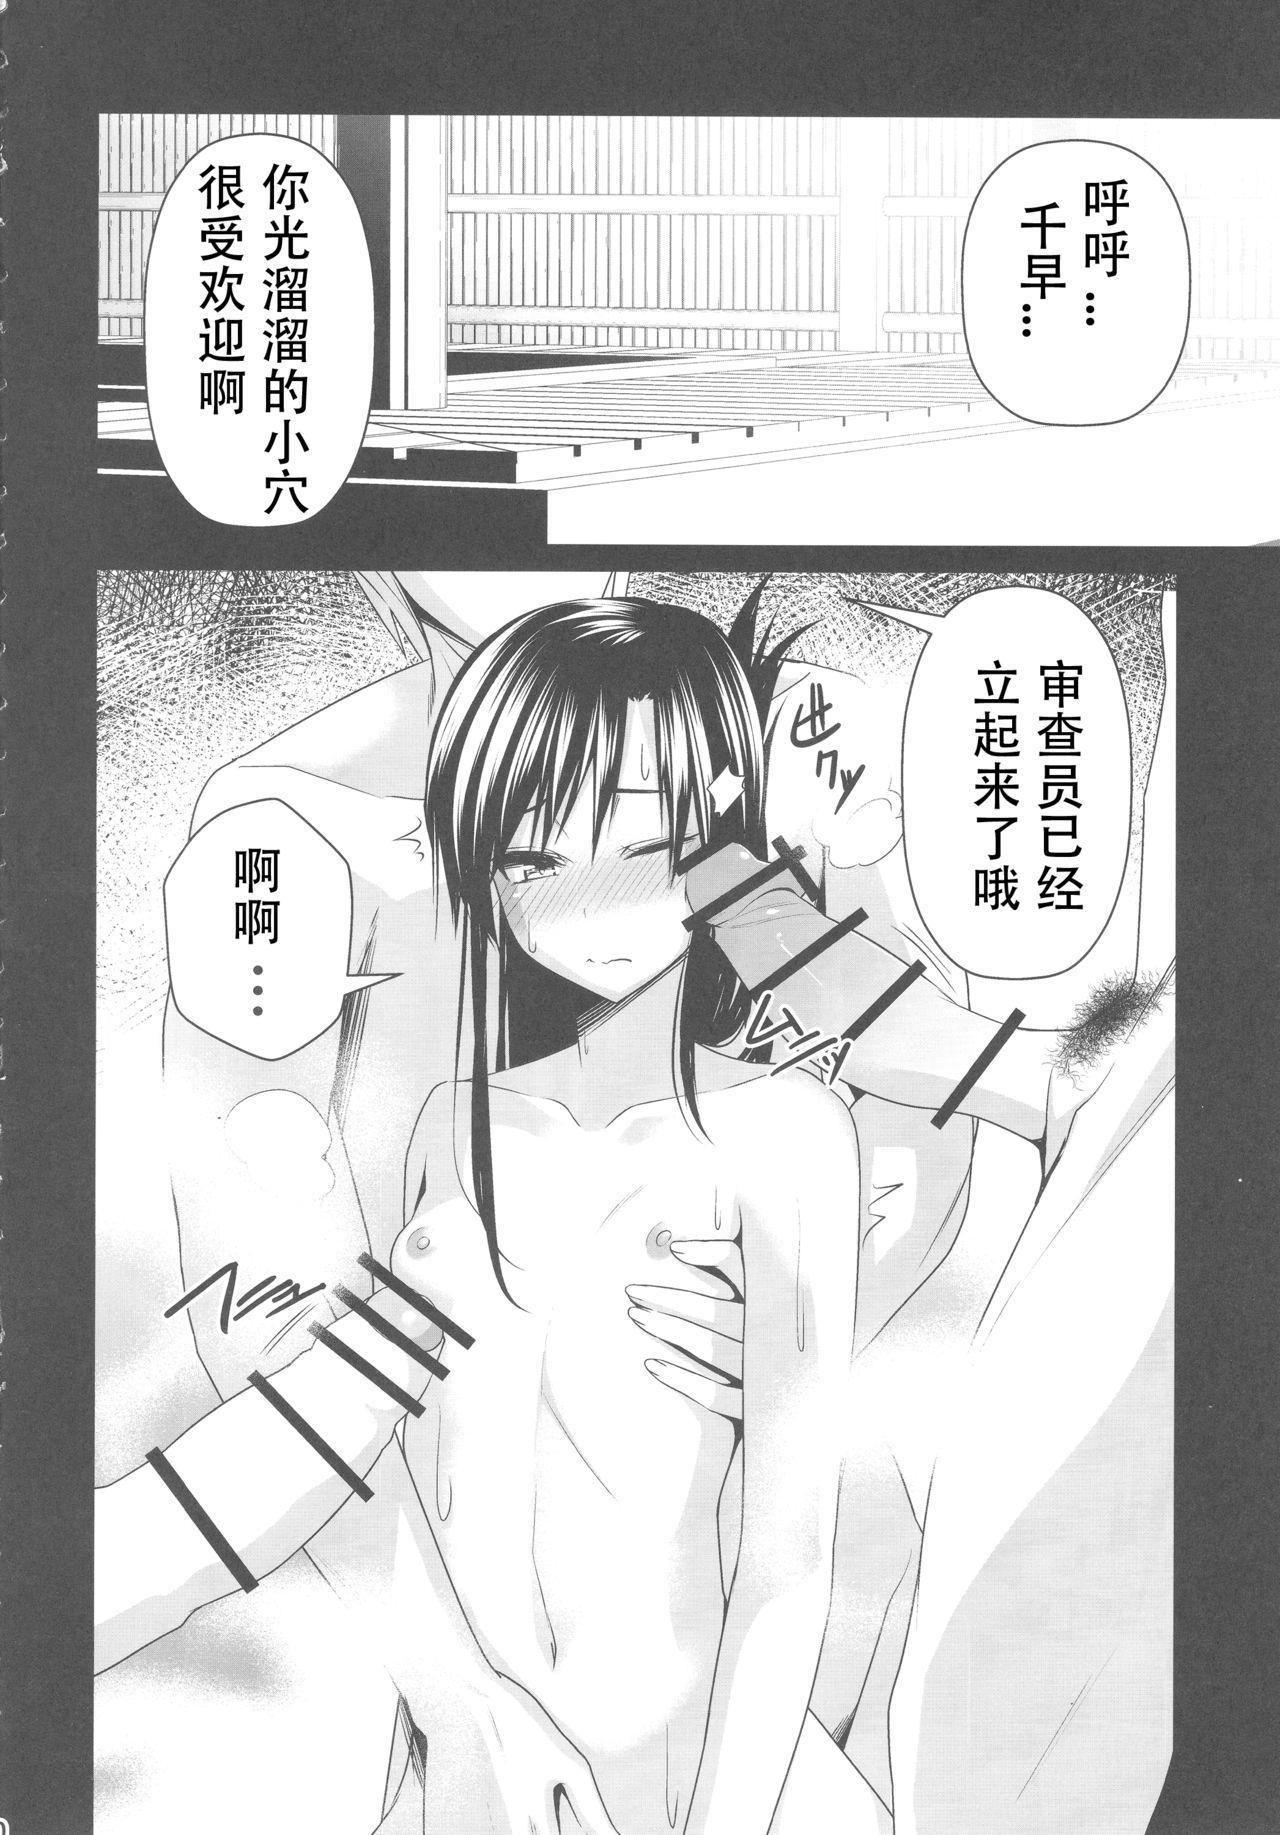 Konyoku Onsen Chihayu 8